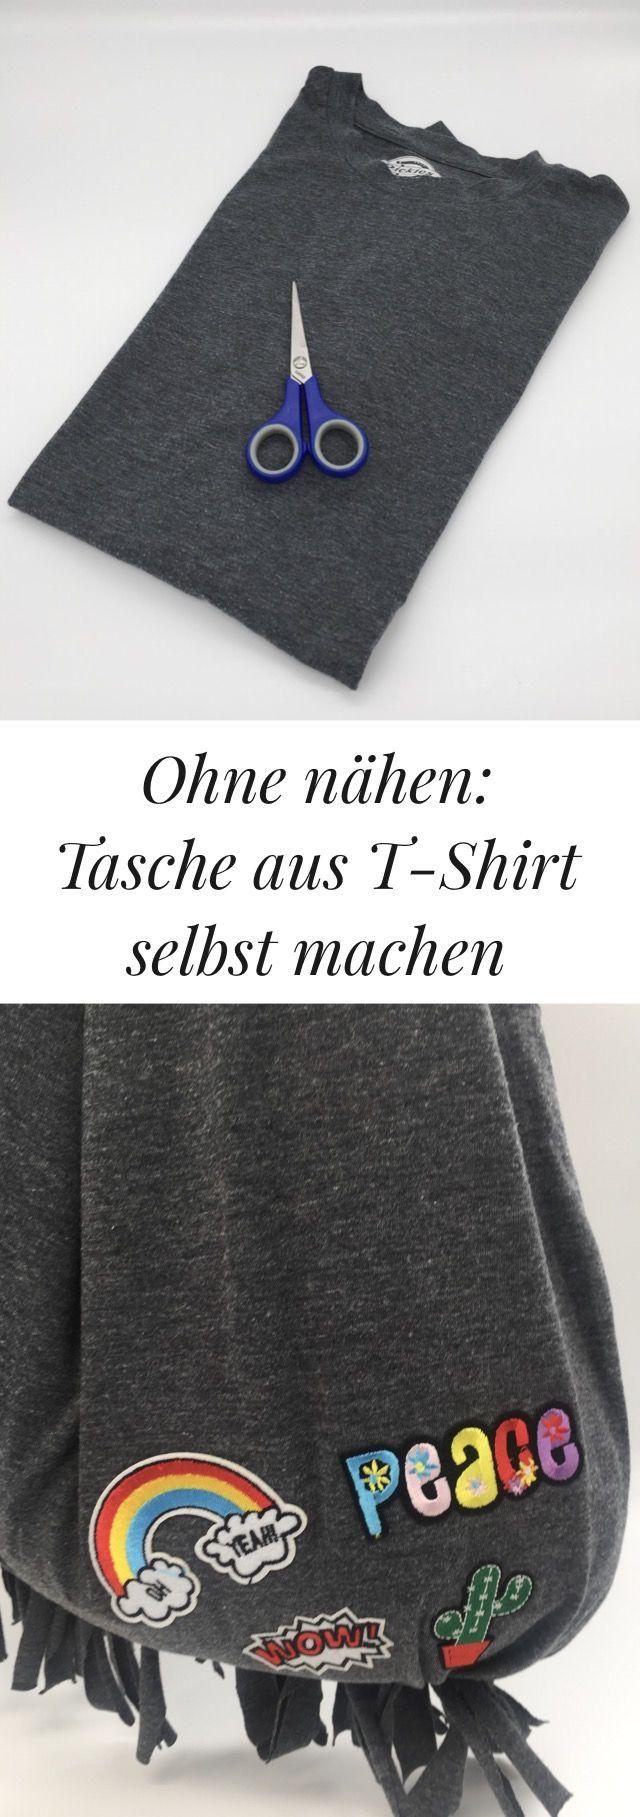 die besten 25 t shirt selber machen ideen auf pinterest t shirts machen t shirts. Black Bedroom Furniture Sets. Home Design Ideas